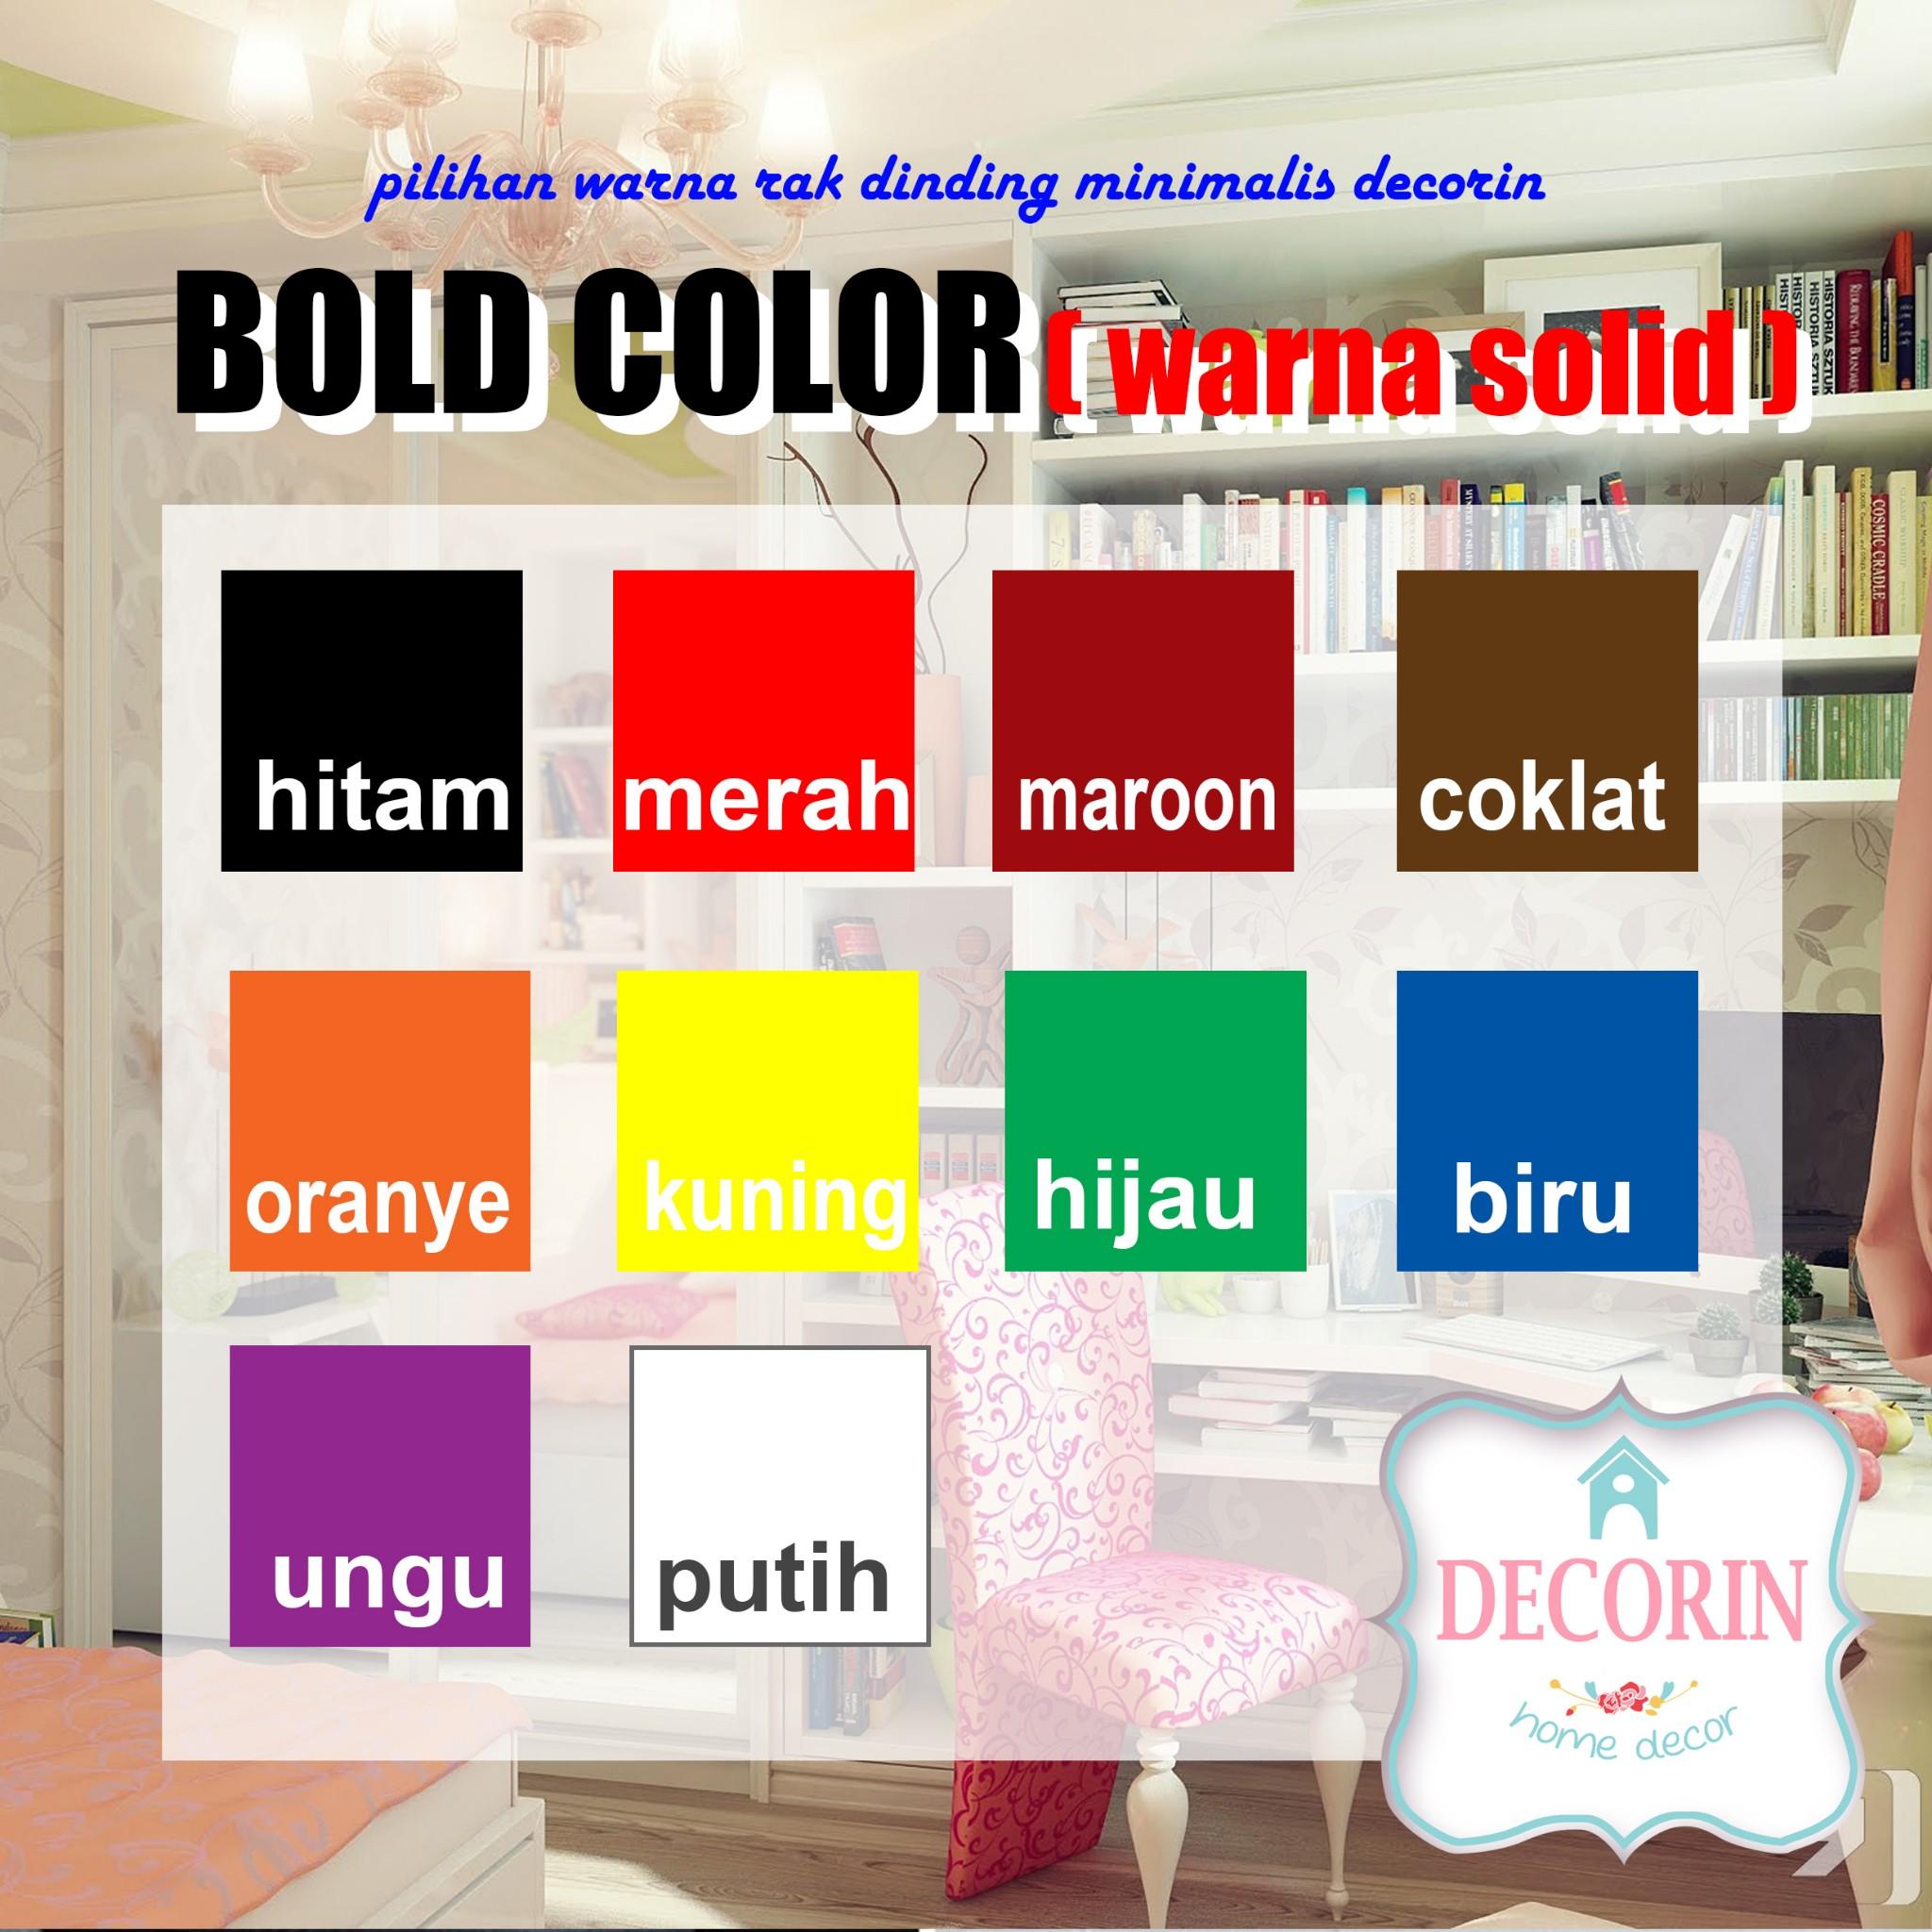 Jual Pilihan Warna Bold Rak Dinding Minimalis Decorin Decorin